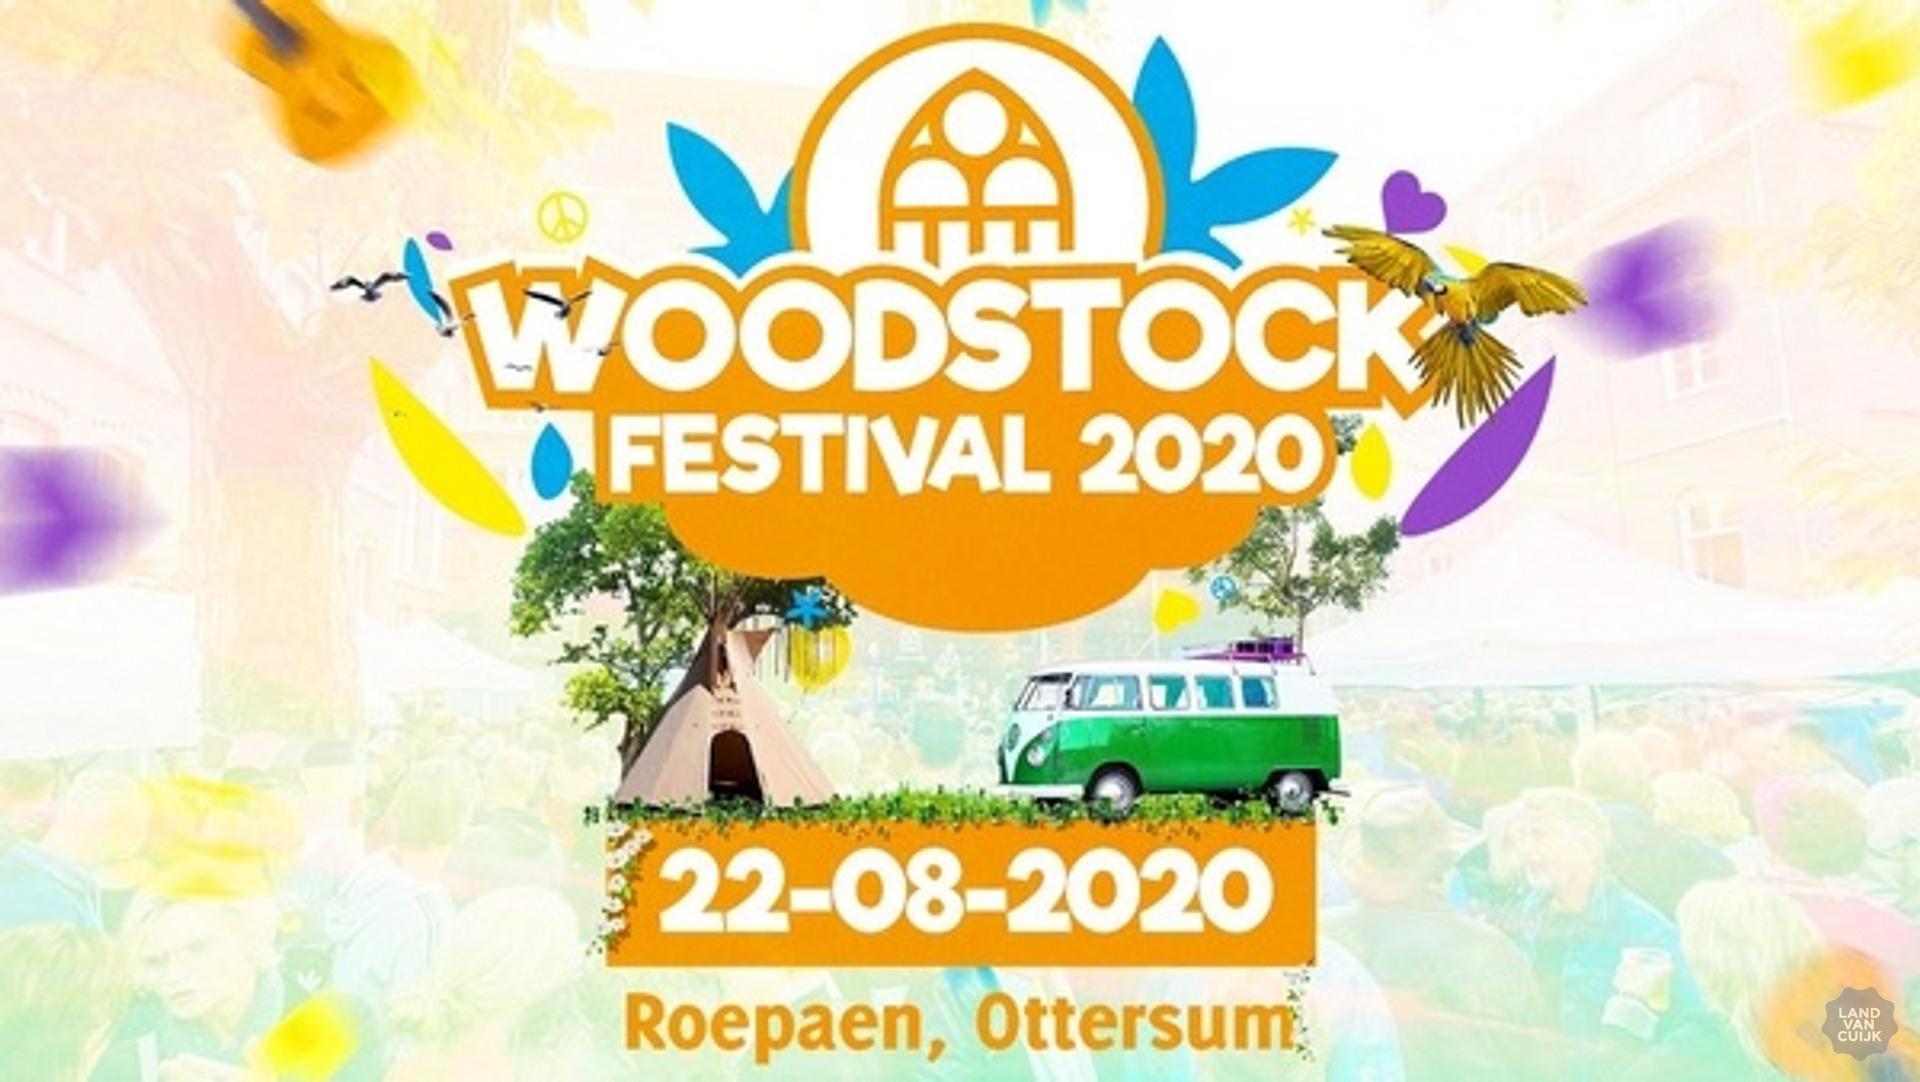 woodstockroepaen2020.jpg